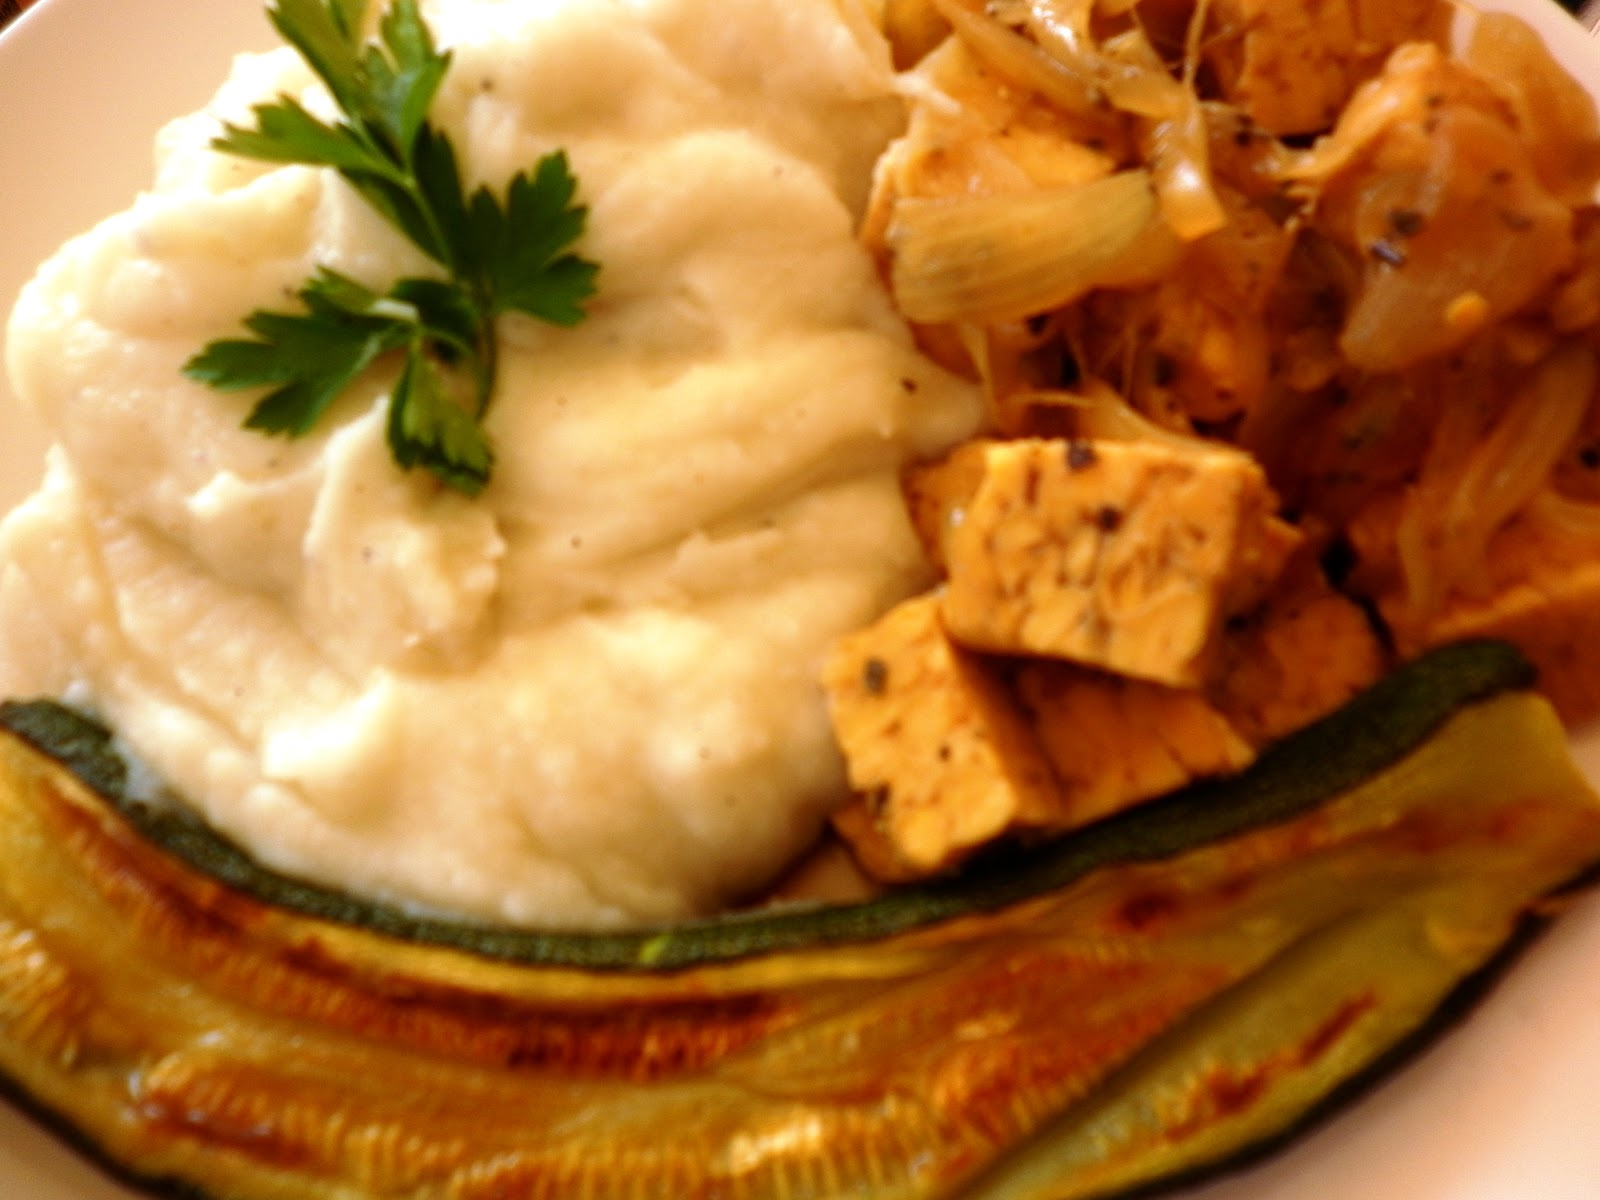 Cocina Macrobiotica Recetas   Nutricion Para La Salud Como Convertir Recetas Tradicionales En